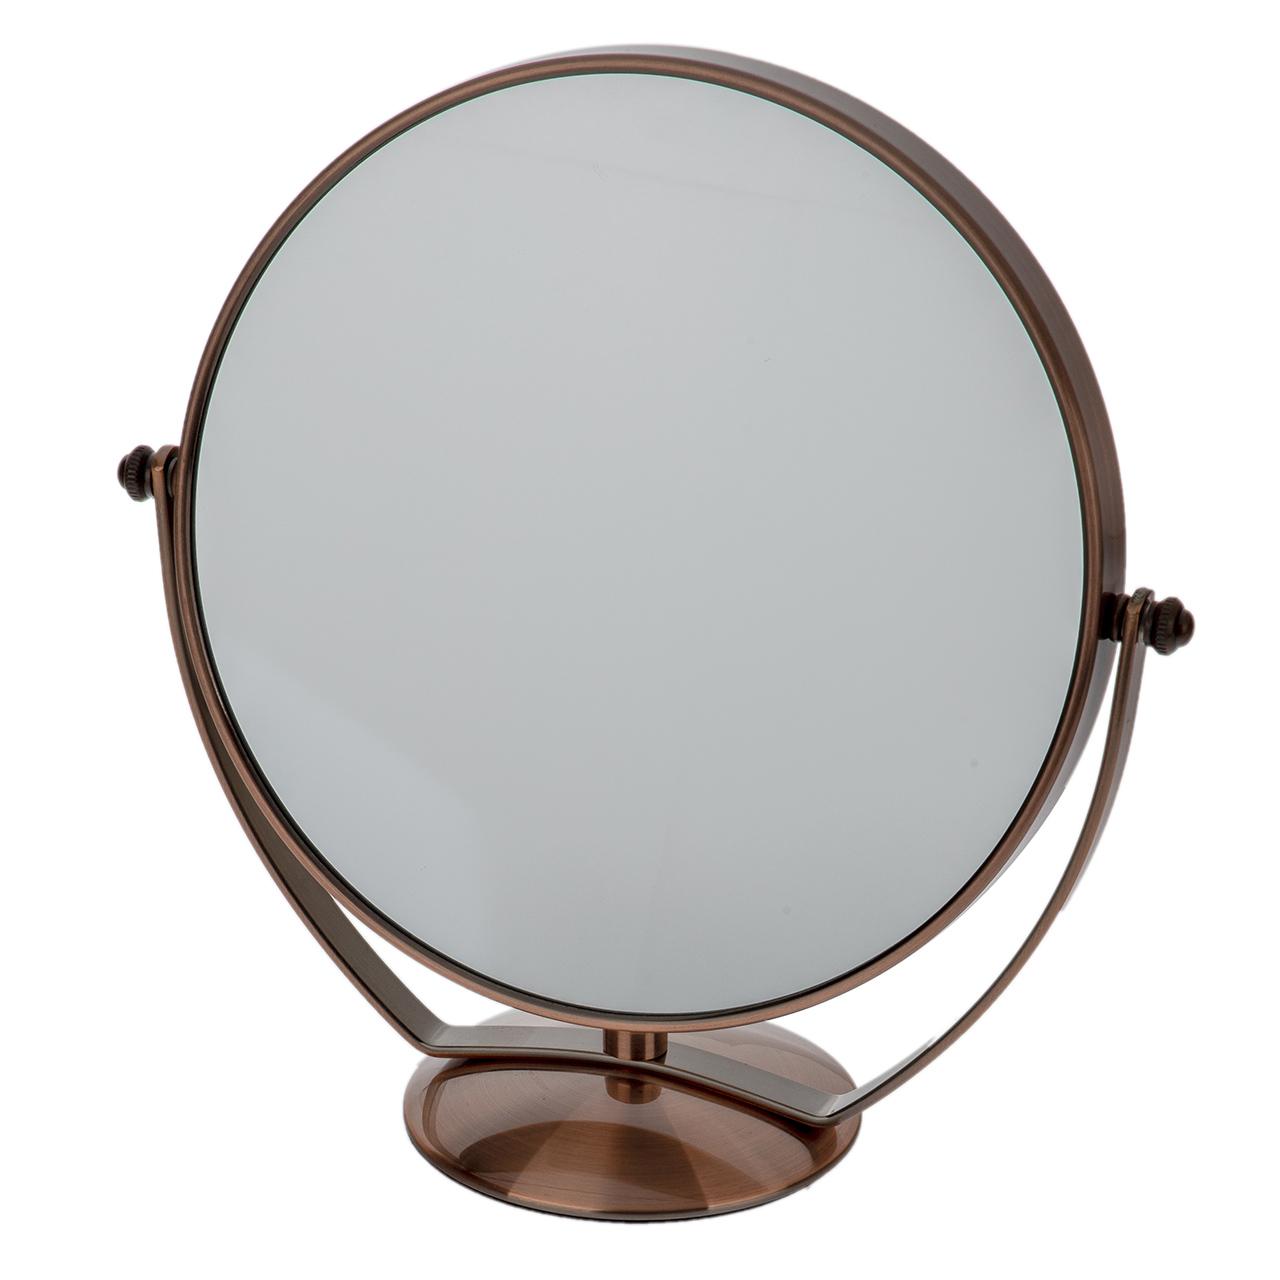 آینه آرایشی کد 1823ACP با بزرگنمایی 7X